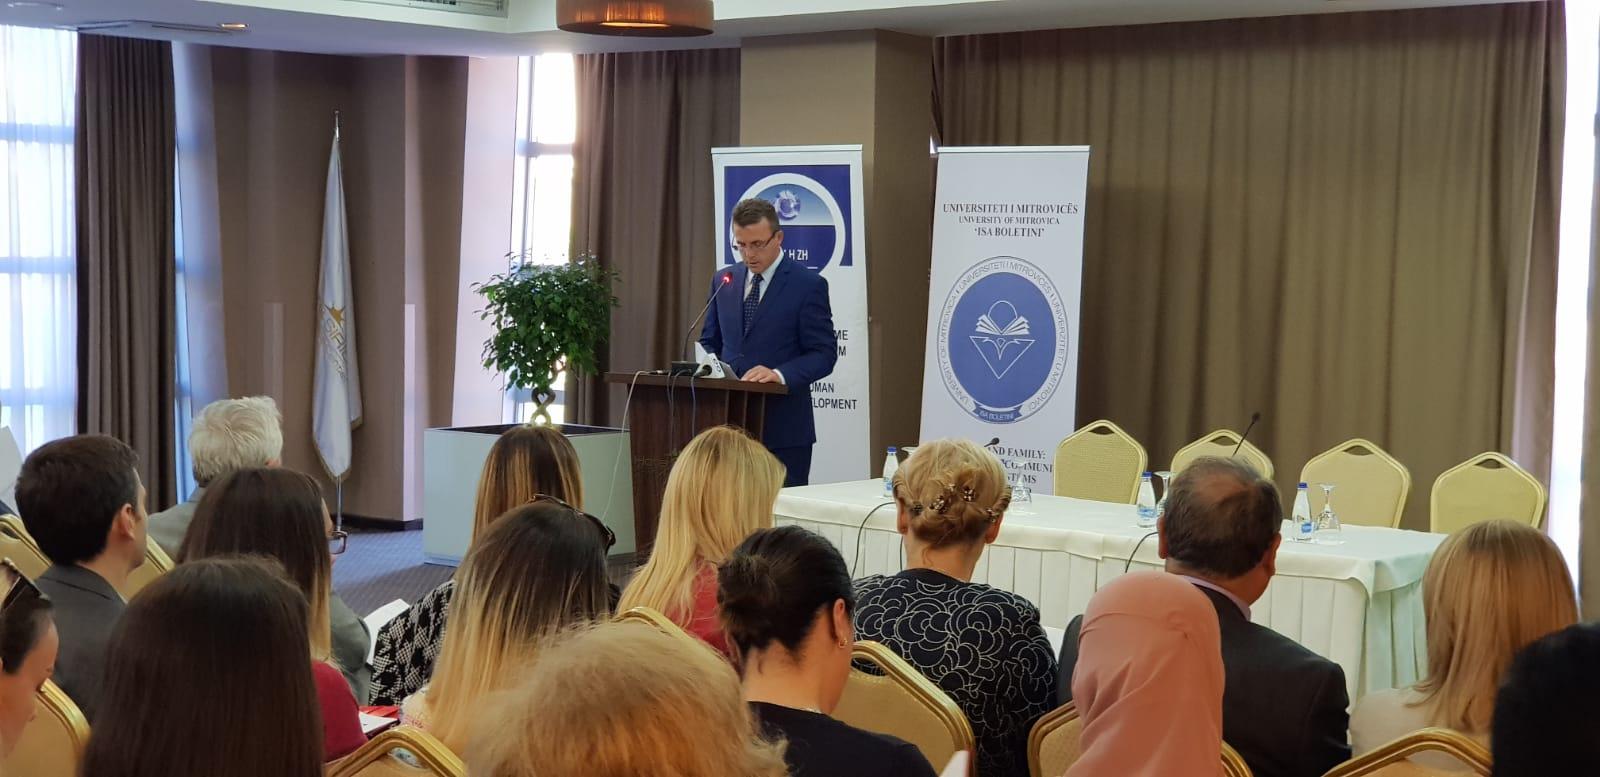 U mbajt konferenca ndërkombëtare: Trauma dhe familja - Forcimi i mbështetjes së sistemeve në Kosovë